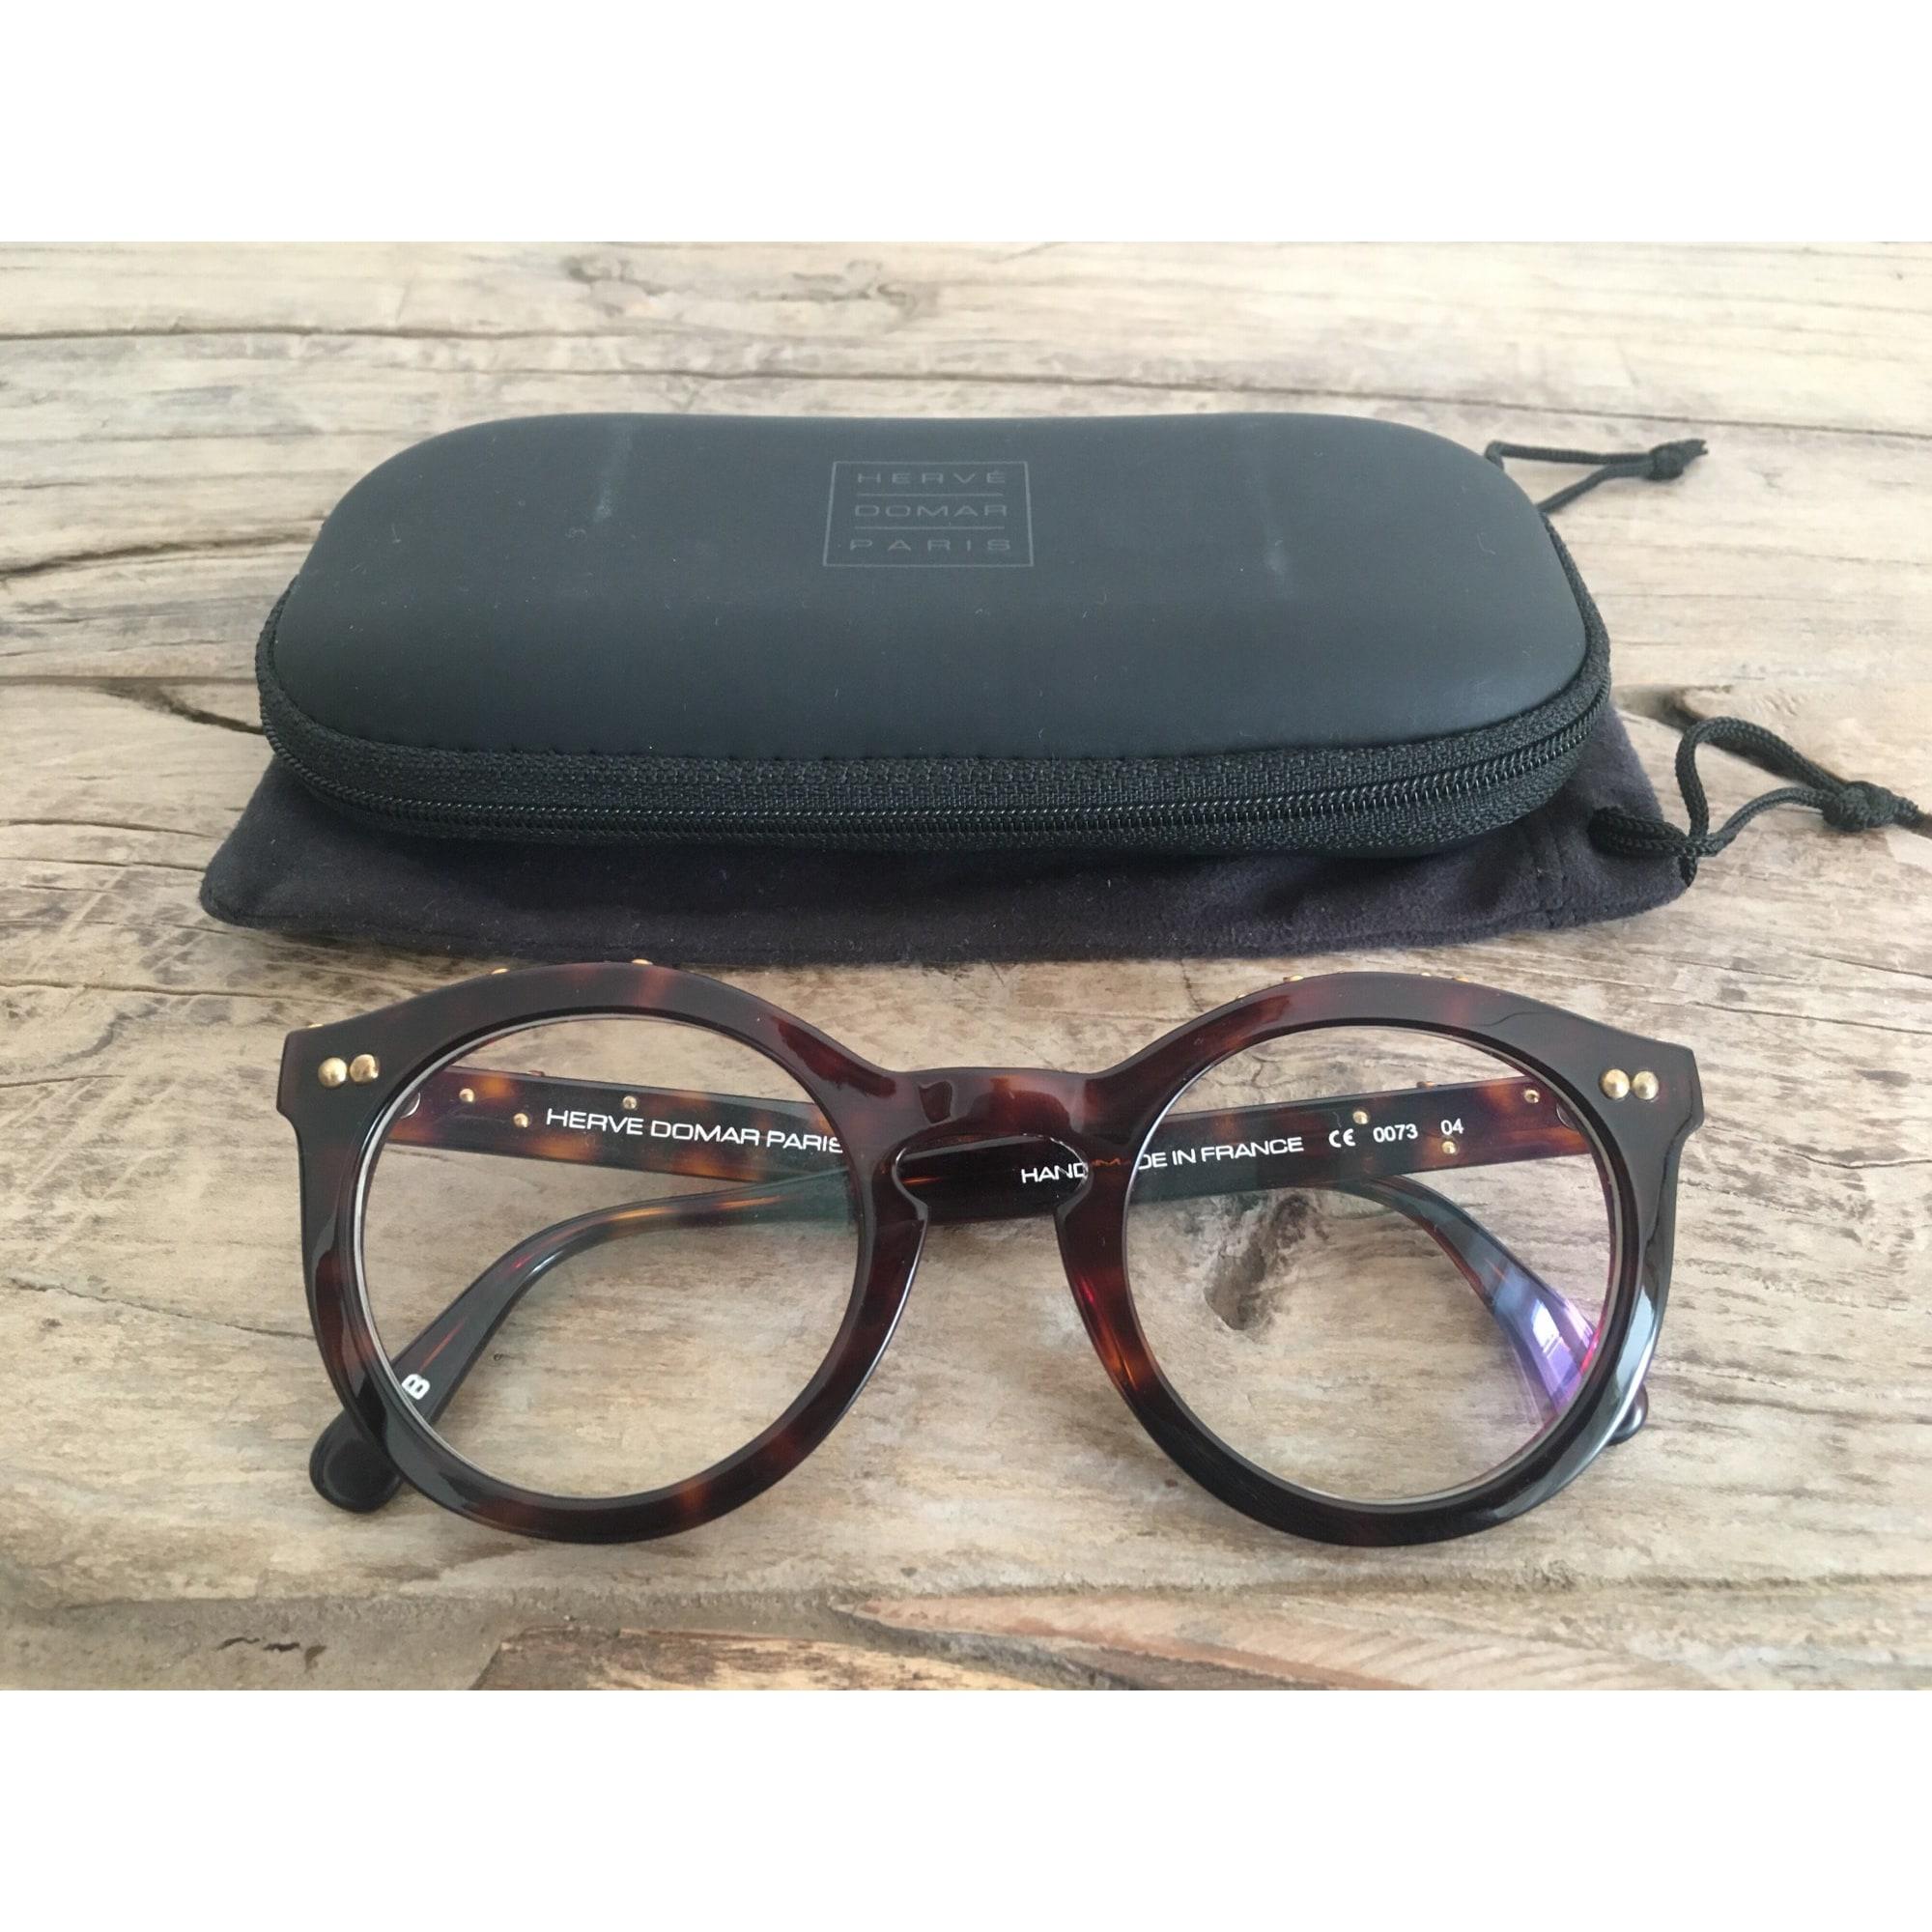 Monture de lunettes HERVE DOMAR Ecaille